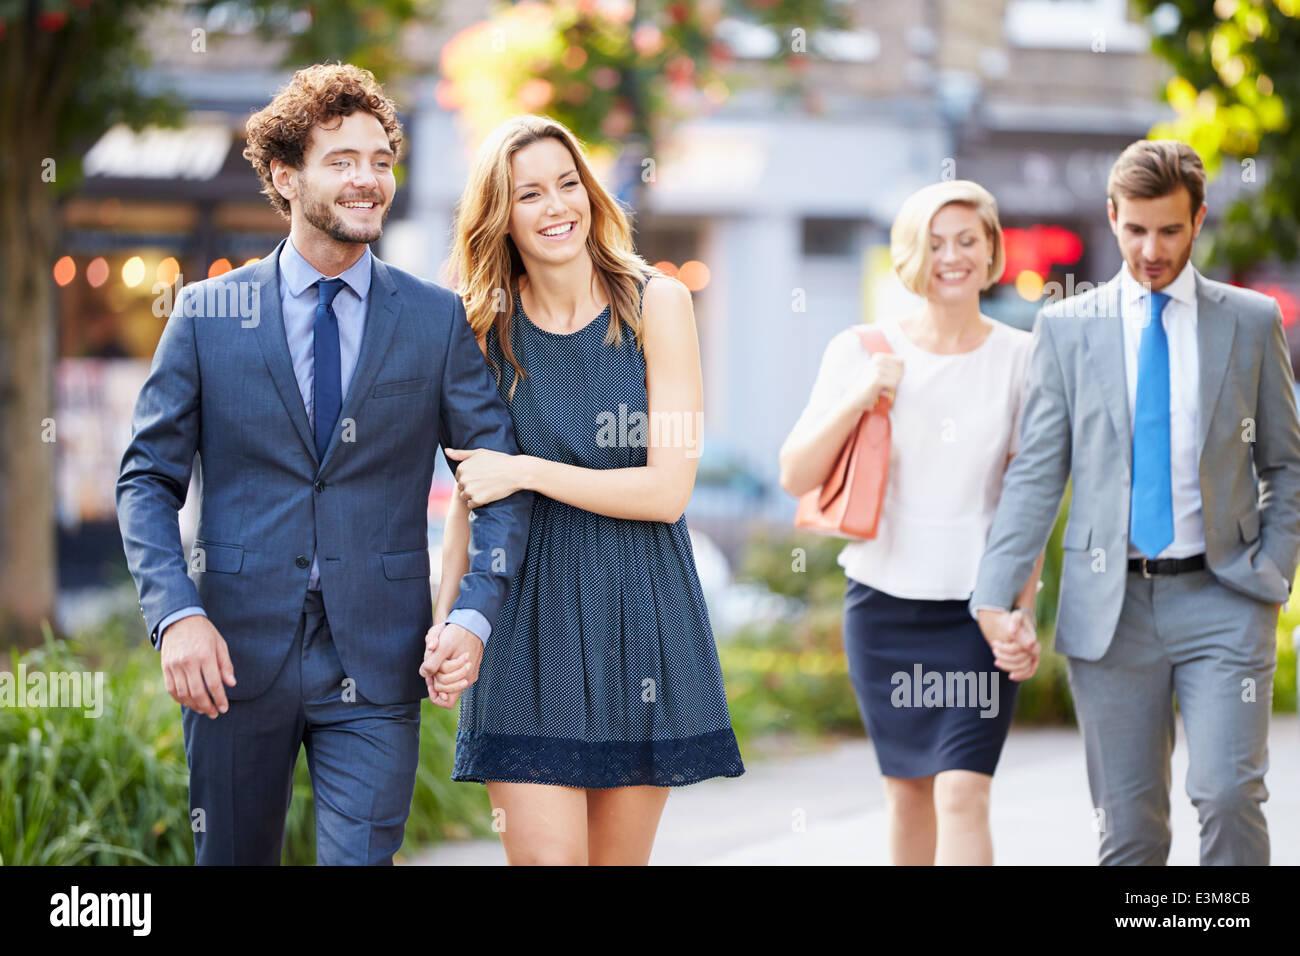 Junge Paare zusammen durch den Stadtpark spazieren Stockbild